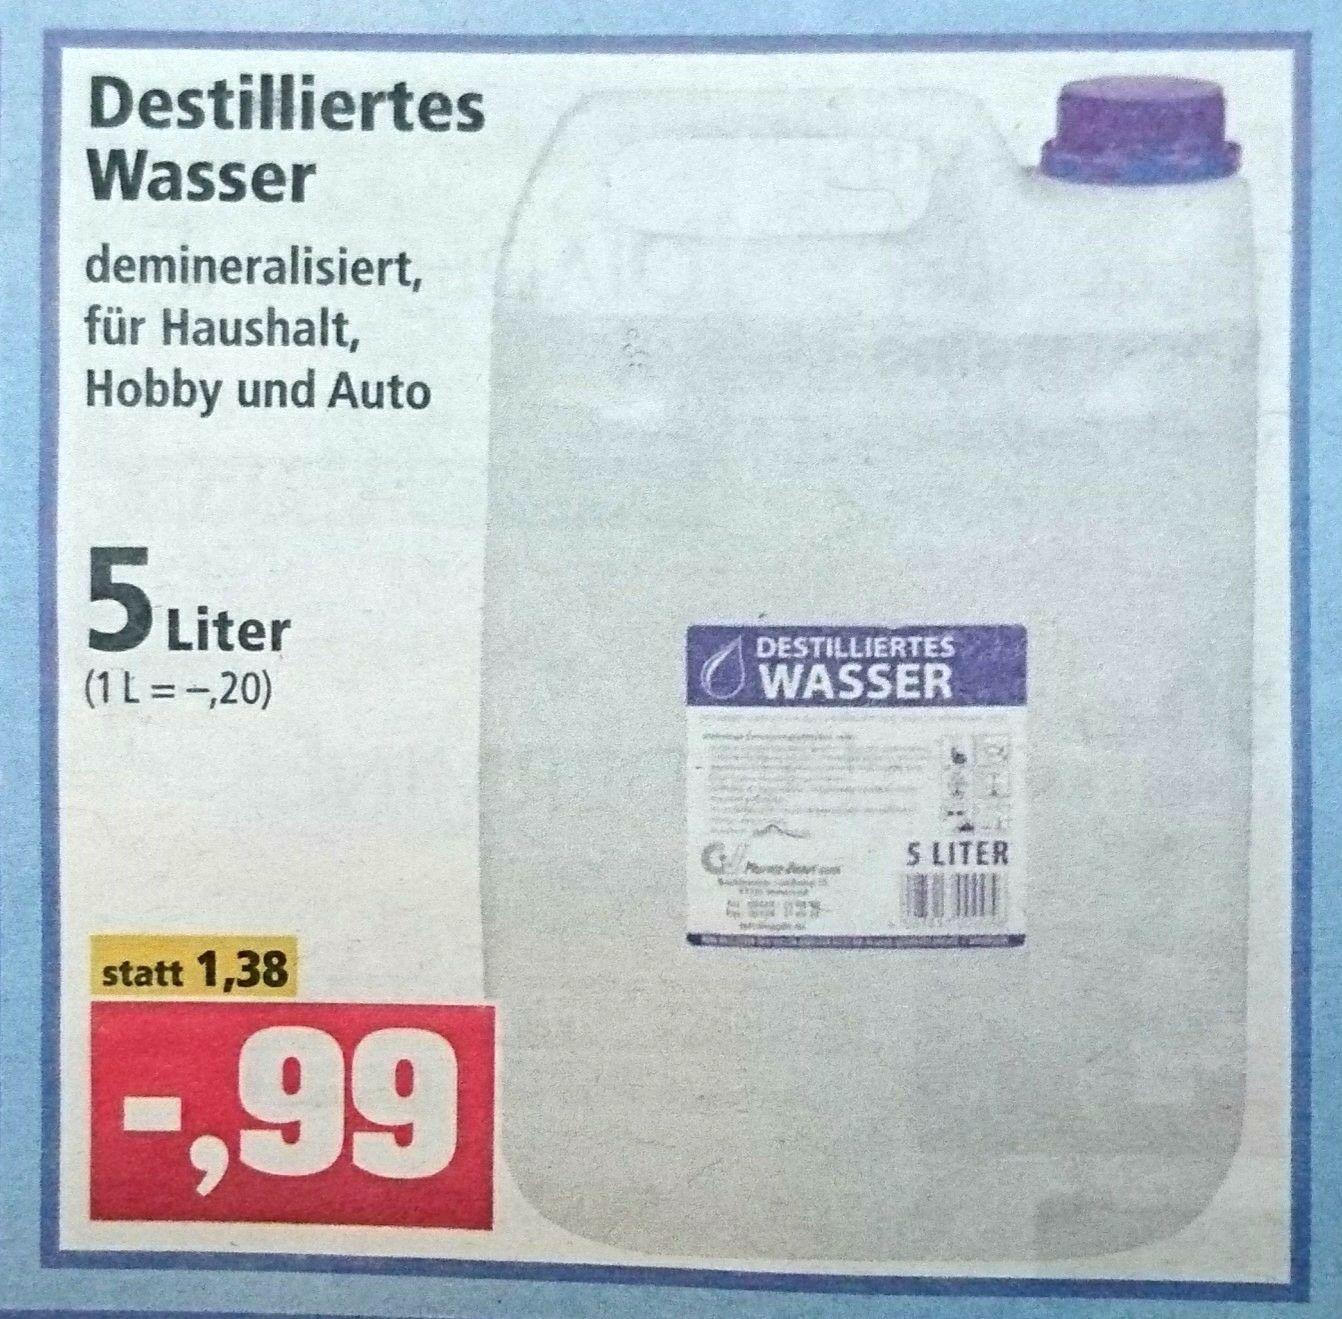 5 Liter Destilliertes Wasser Fur 0 99 Bei Thomas Philipps Mydealz De